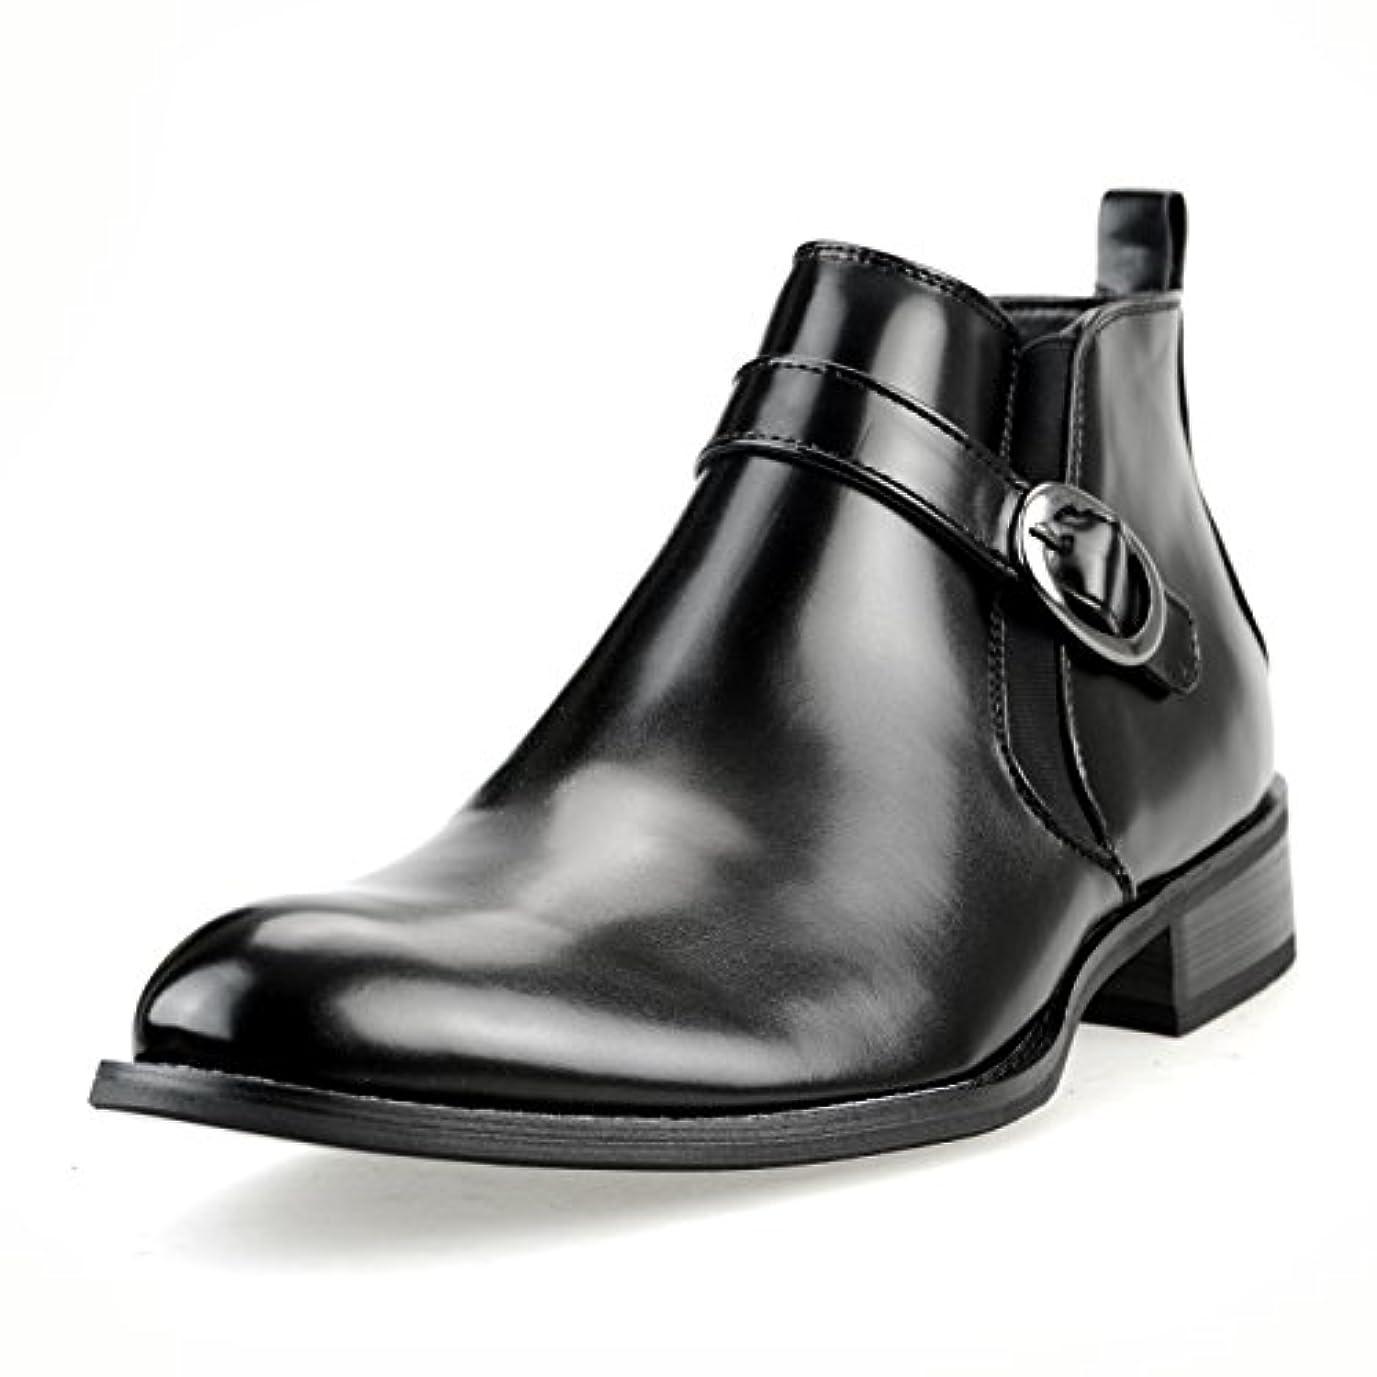 プリーツペッカディロ醜い【撥水加工 低反発インソール】[エムエムワン] MM/ONE ビジネスシューズ メンズ ショートブーツ ジョッパーブーツ ビジネスブーツ サイドジップ プレーントゥ 紳士靴 【MPB1911-1-UPP】 ブラック ダークブラウン